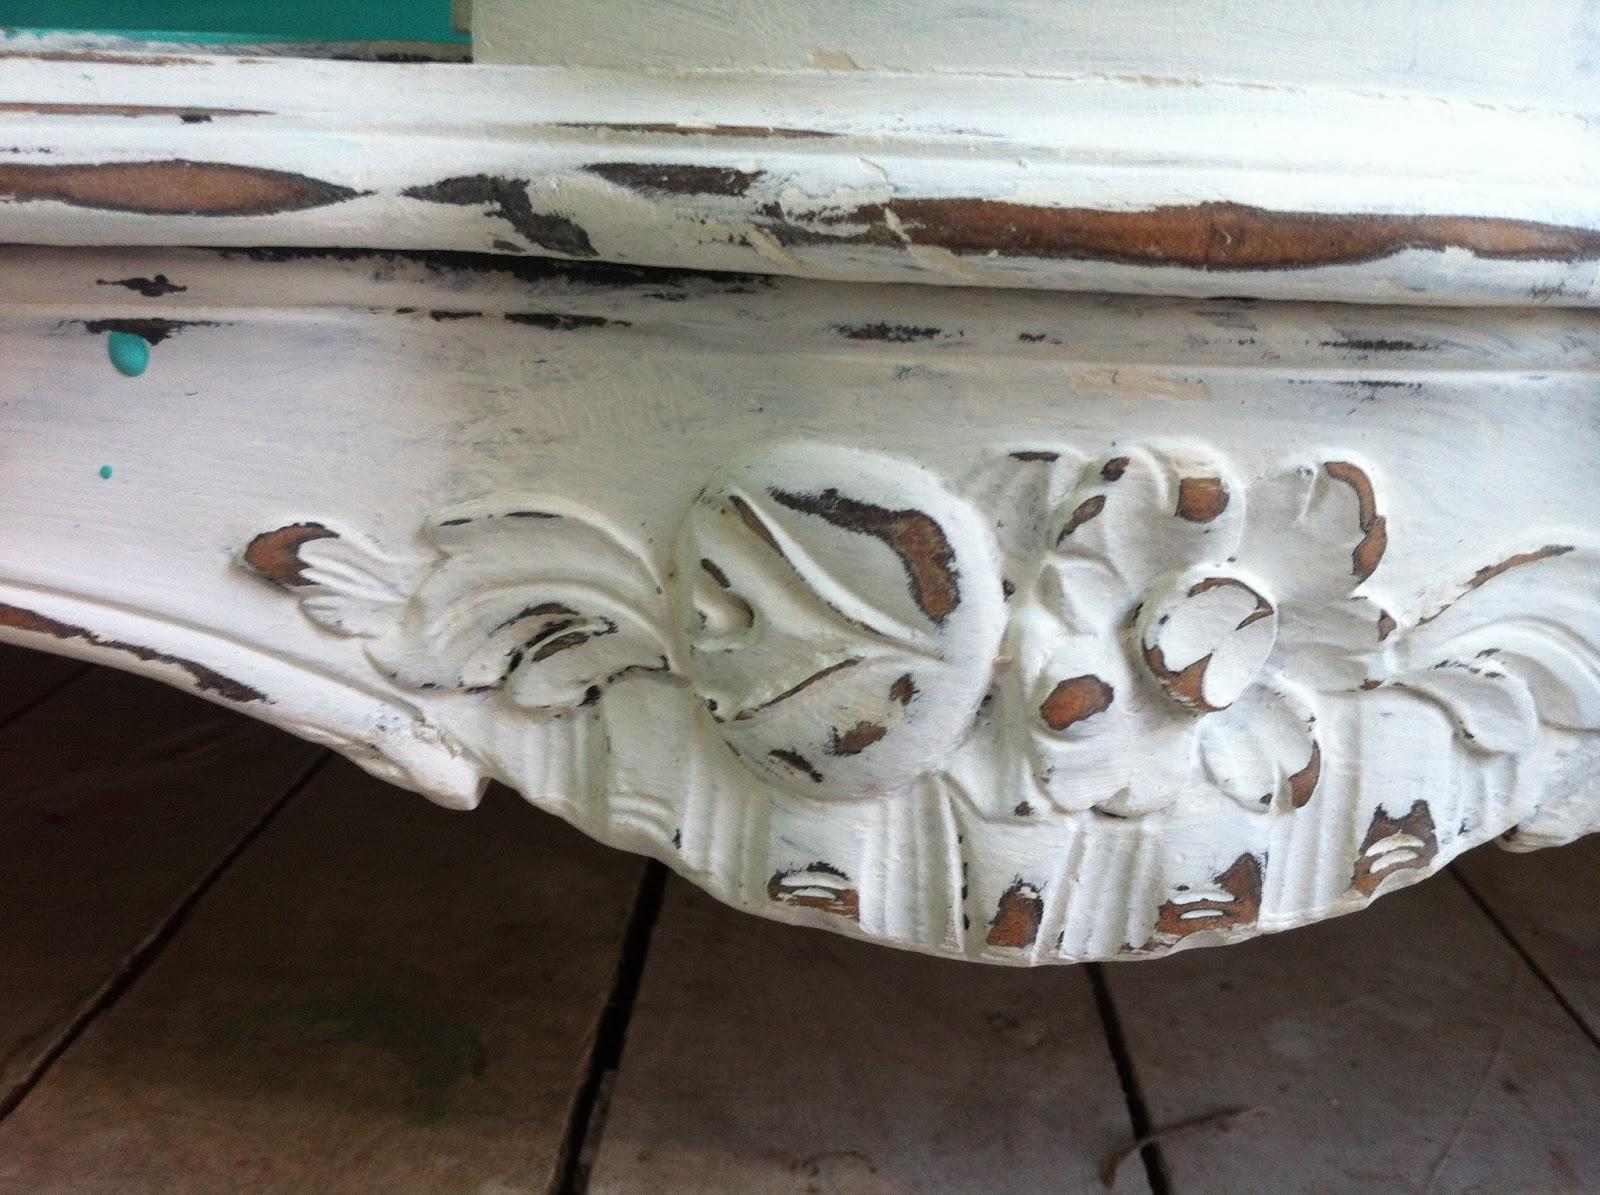 Decapar muebles en blanco perfect mueble tv calcutta oriental blanco decapado with decapar - Decapar muebles barnizados ...